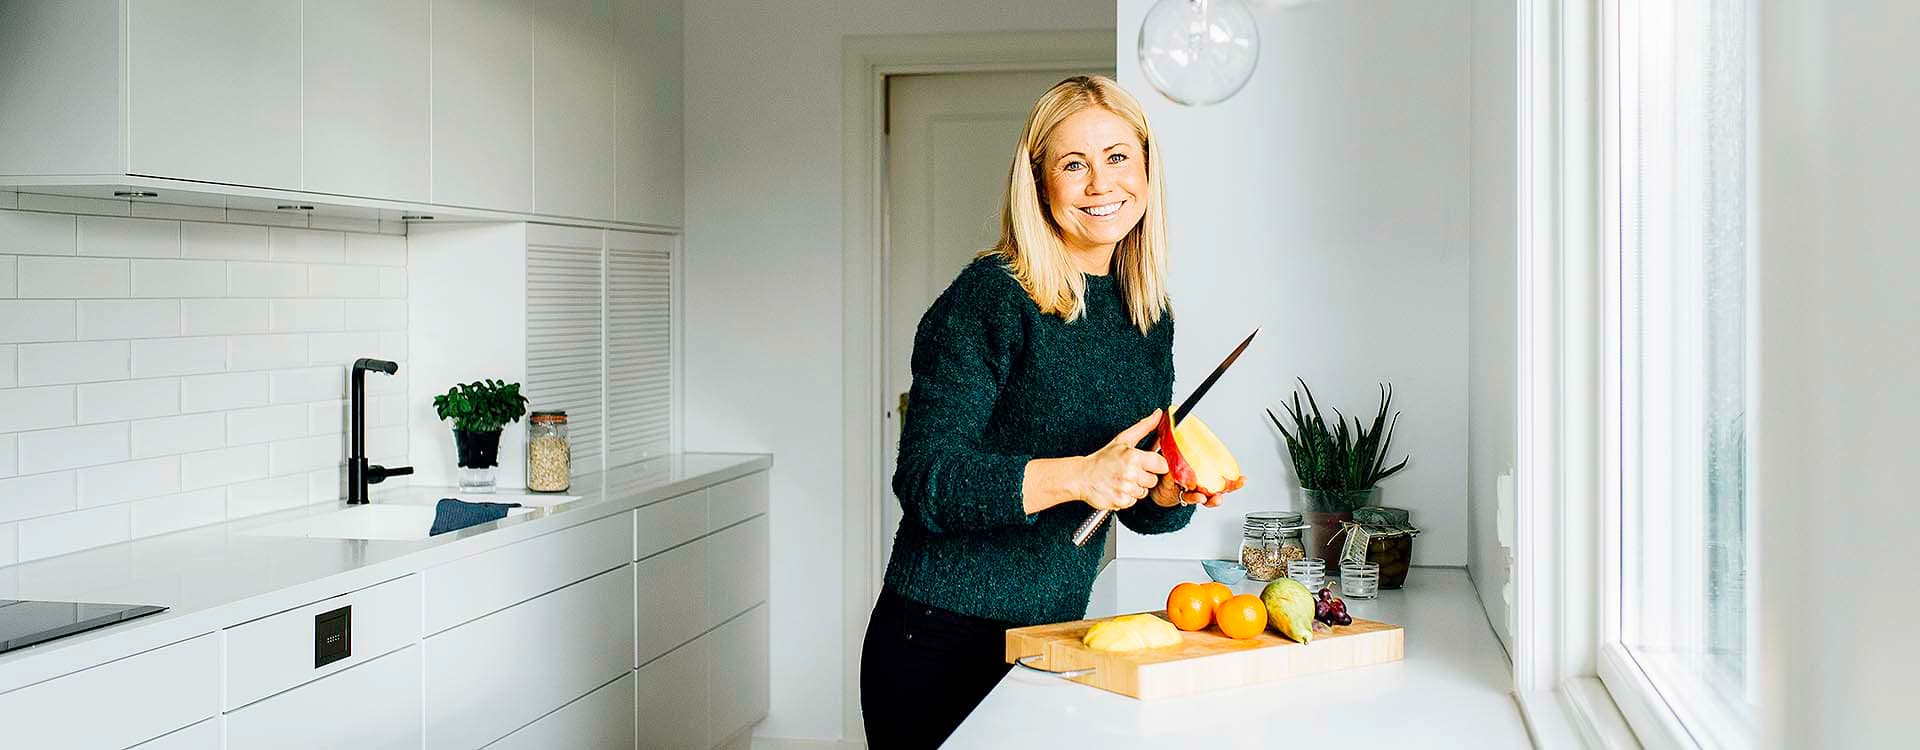 Klinisk ernæringsfysiolog Tine Sundfør støtter ungdomsskoleelevene i at wraps er et godt alternativ i matpakken.